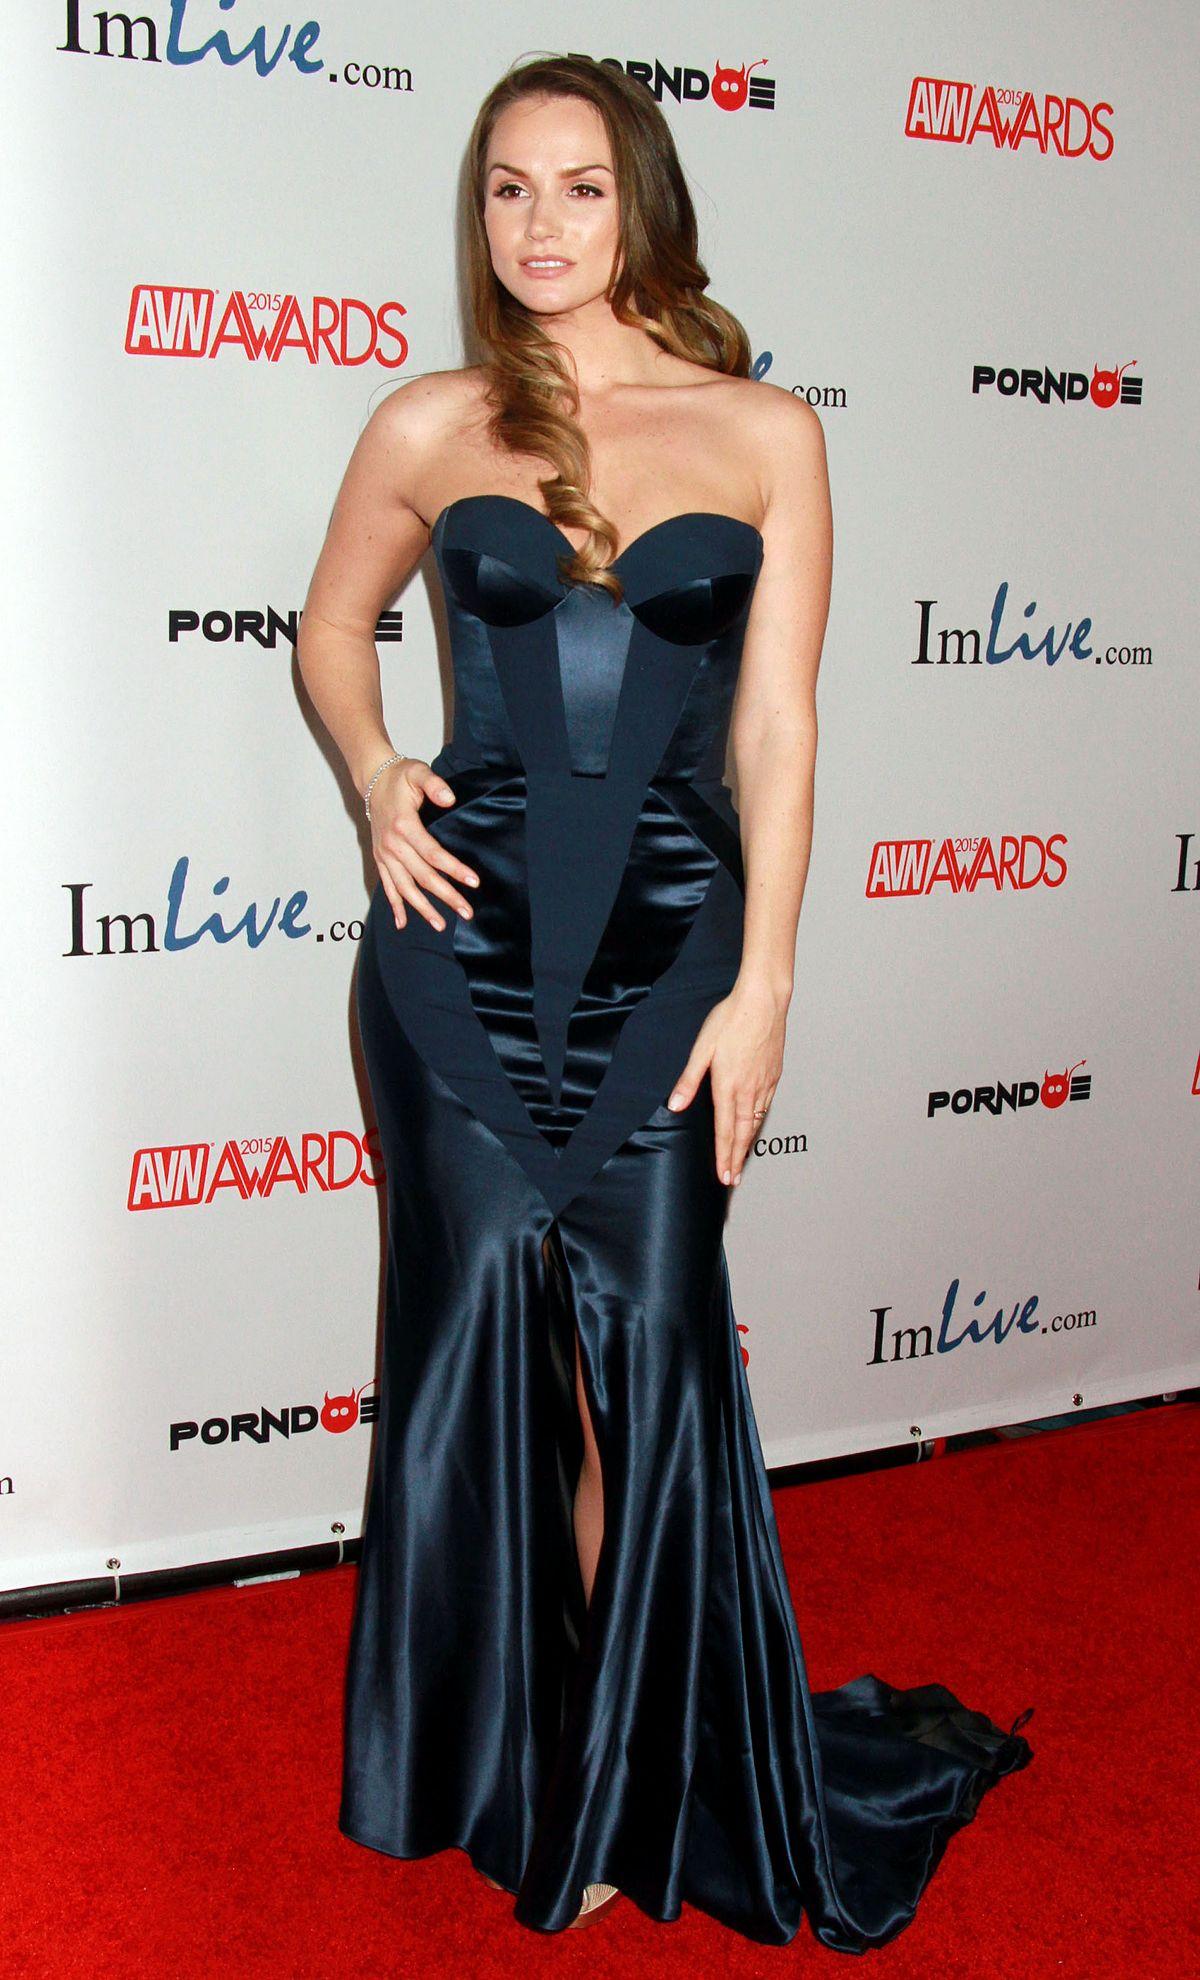 TORI BLACK at 2015 AVN Awards in Las Vegas